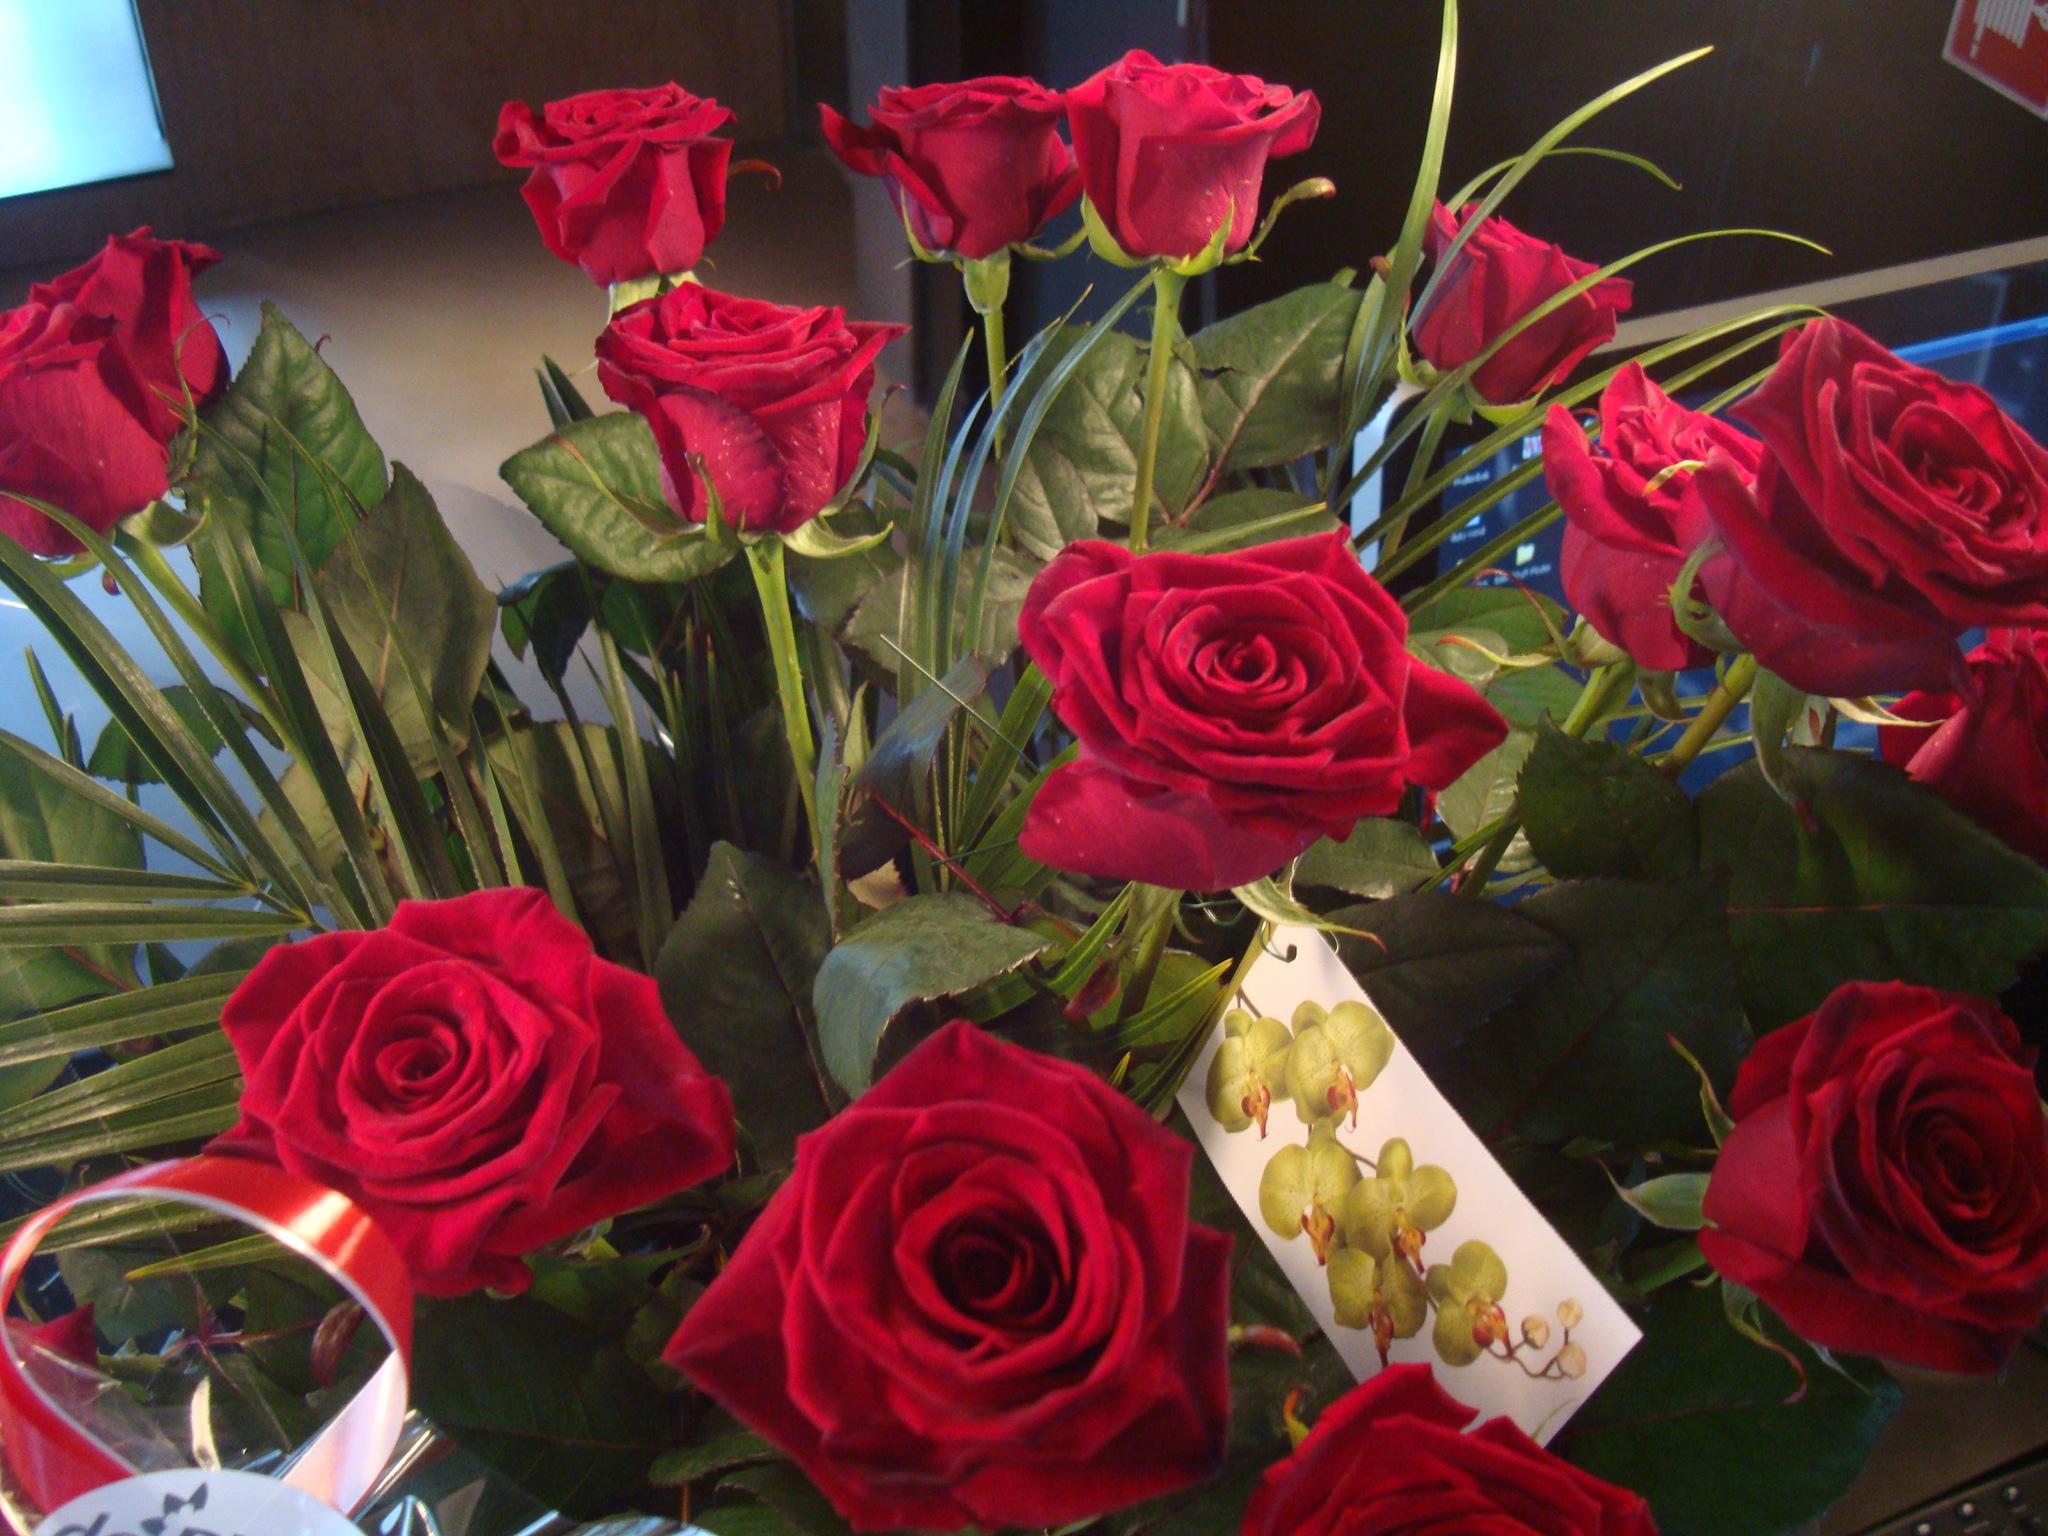 Secret admirer sending flowers